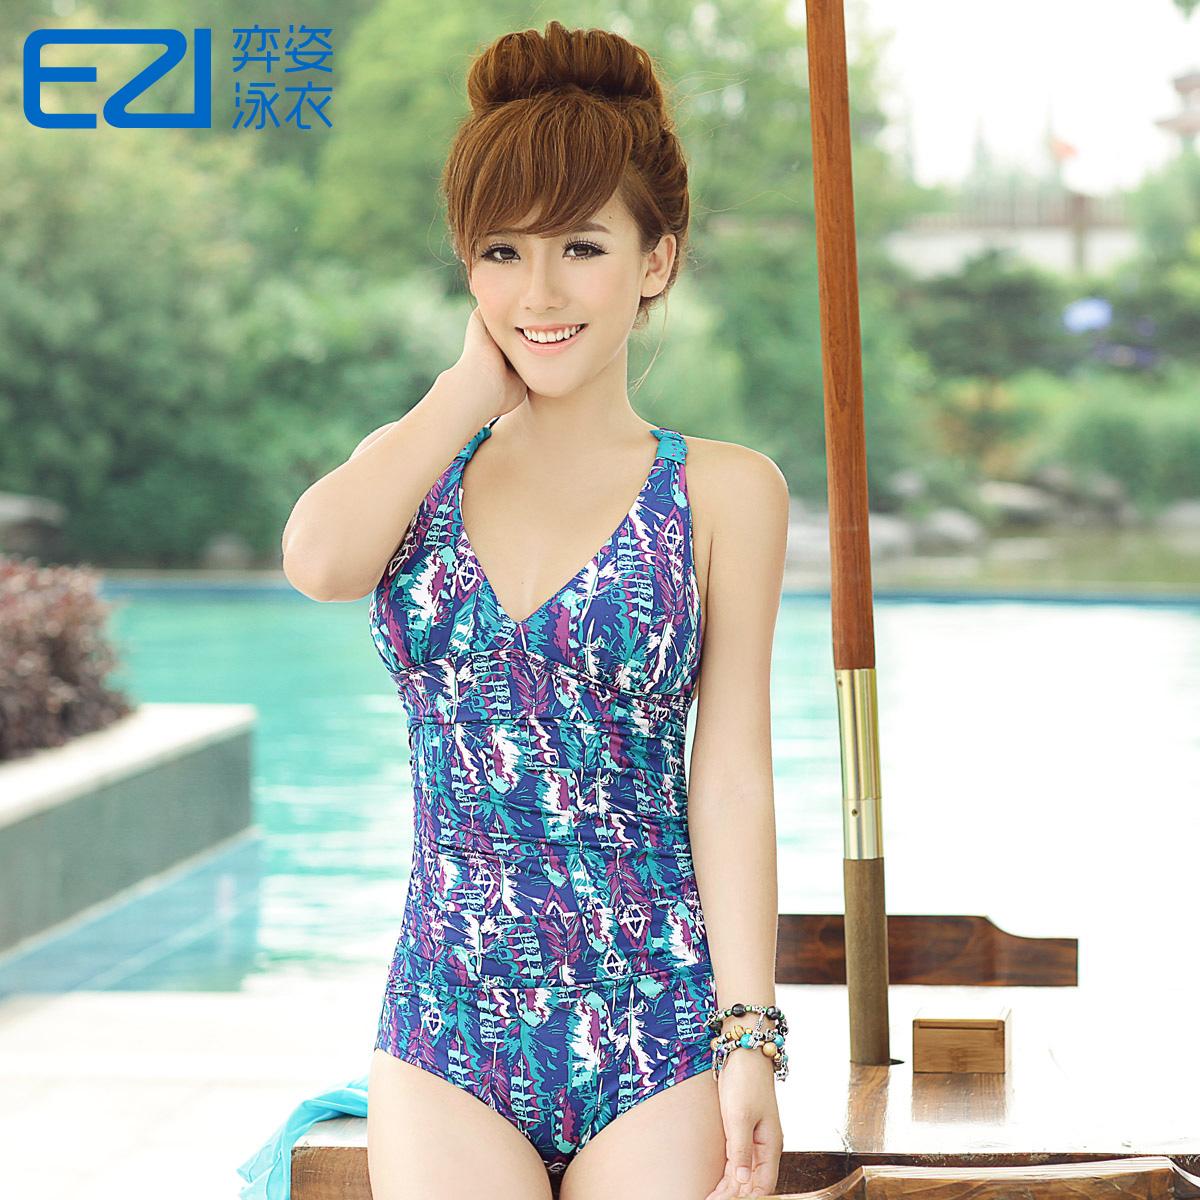 Yi Zi EZI горячий источник купальный костюм стиль печати небольшой груди собрал цельный Maillot имеет код: 1064